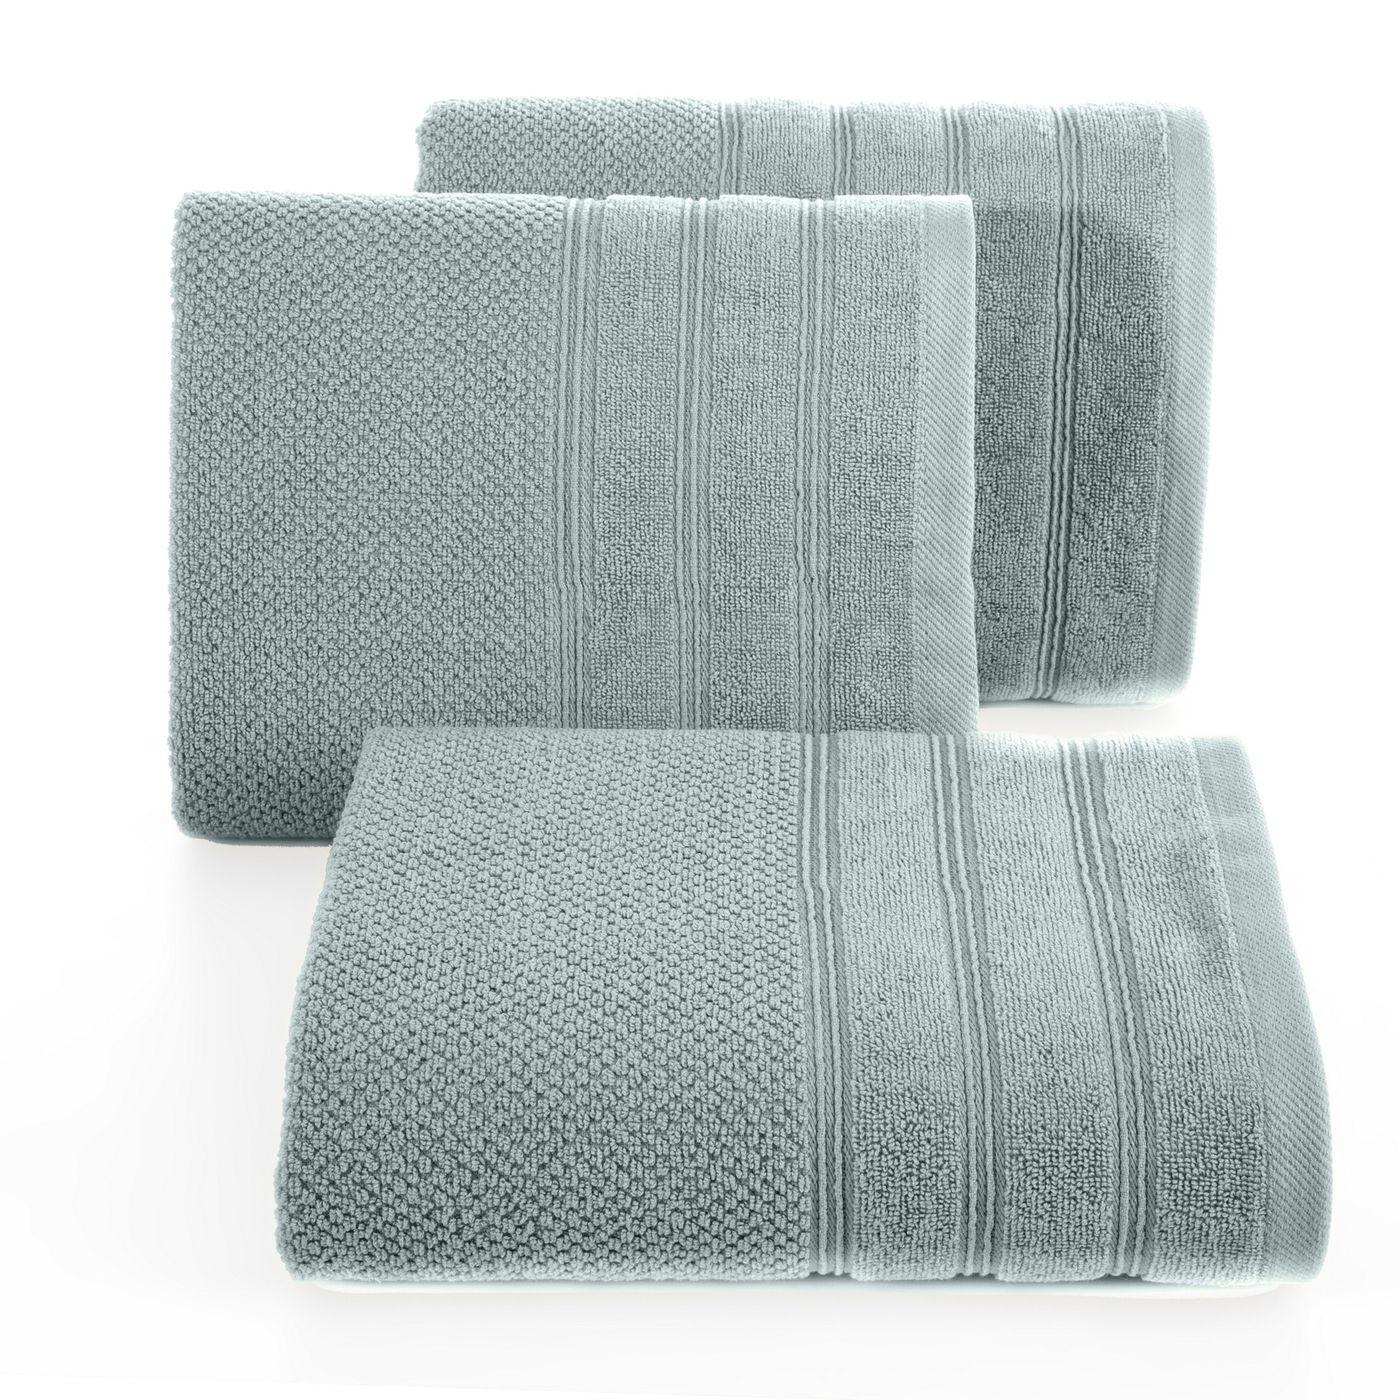 Bawełniany ręcznik kąpielowy frote miętowy 50x90